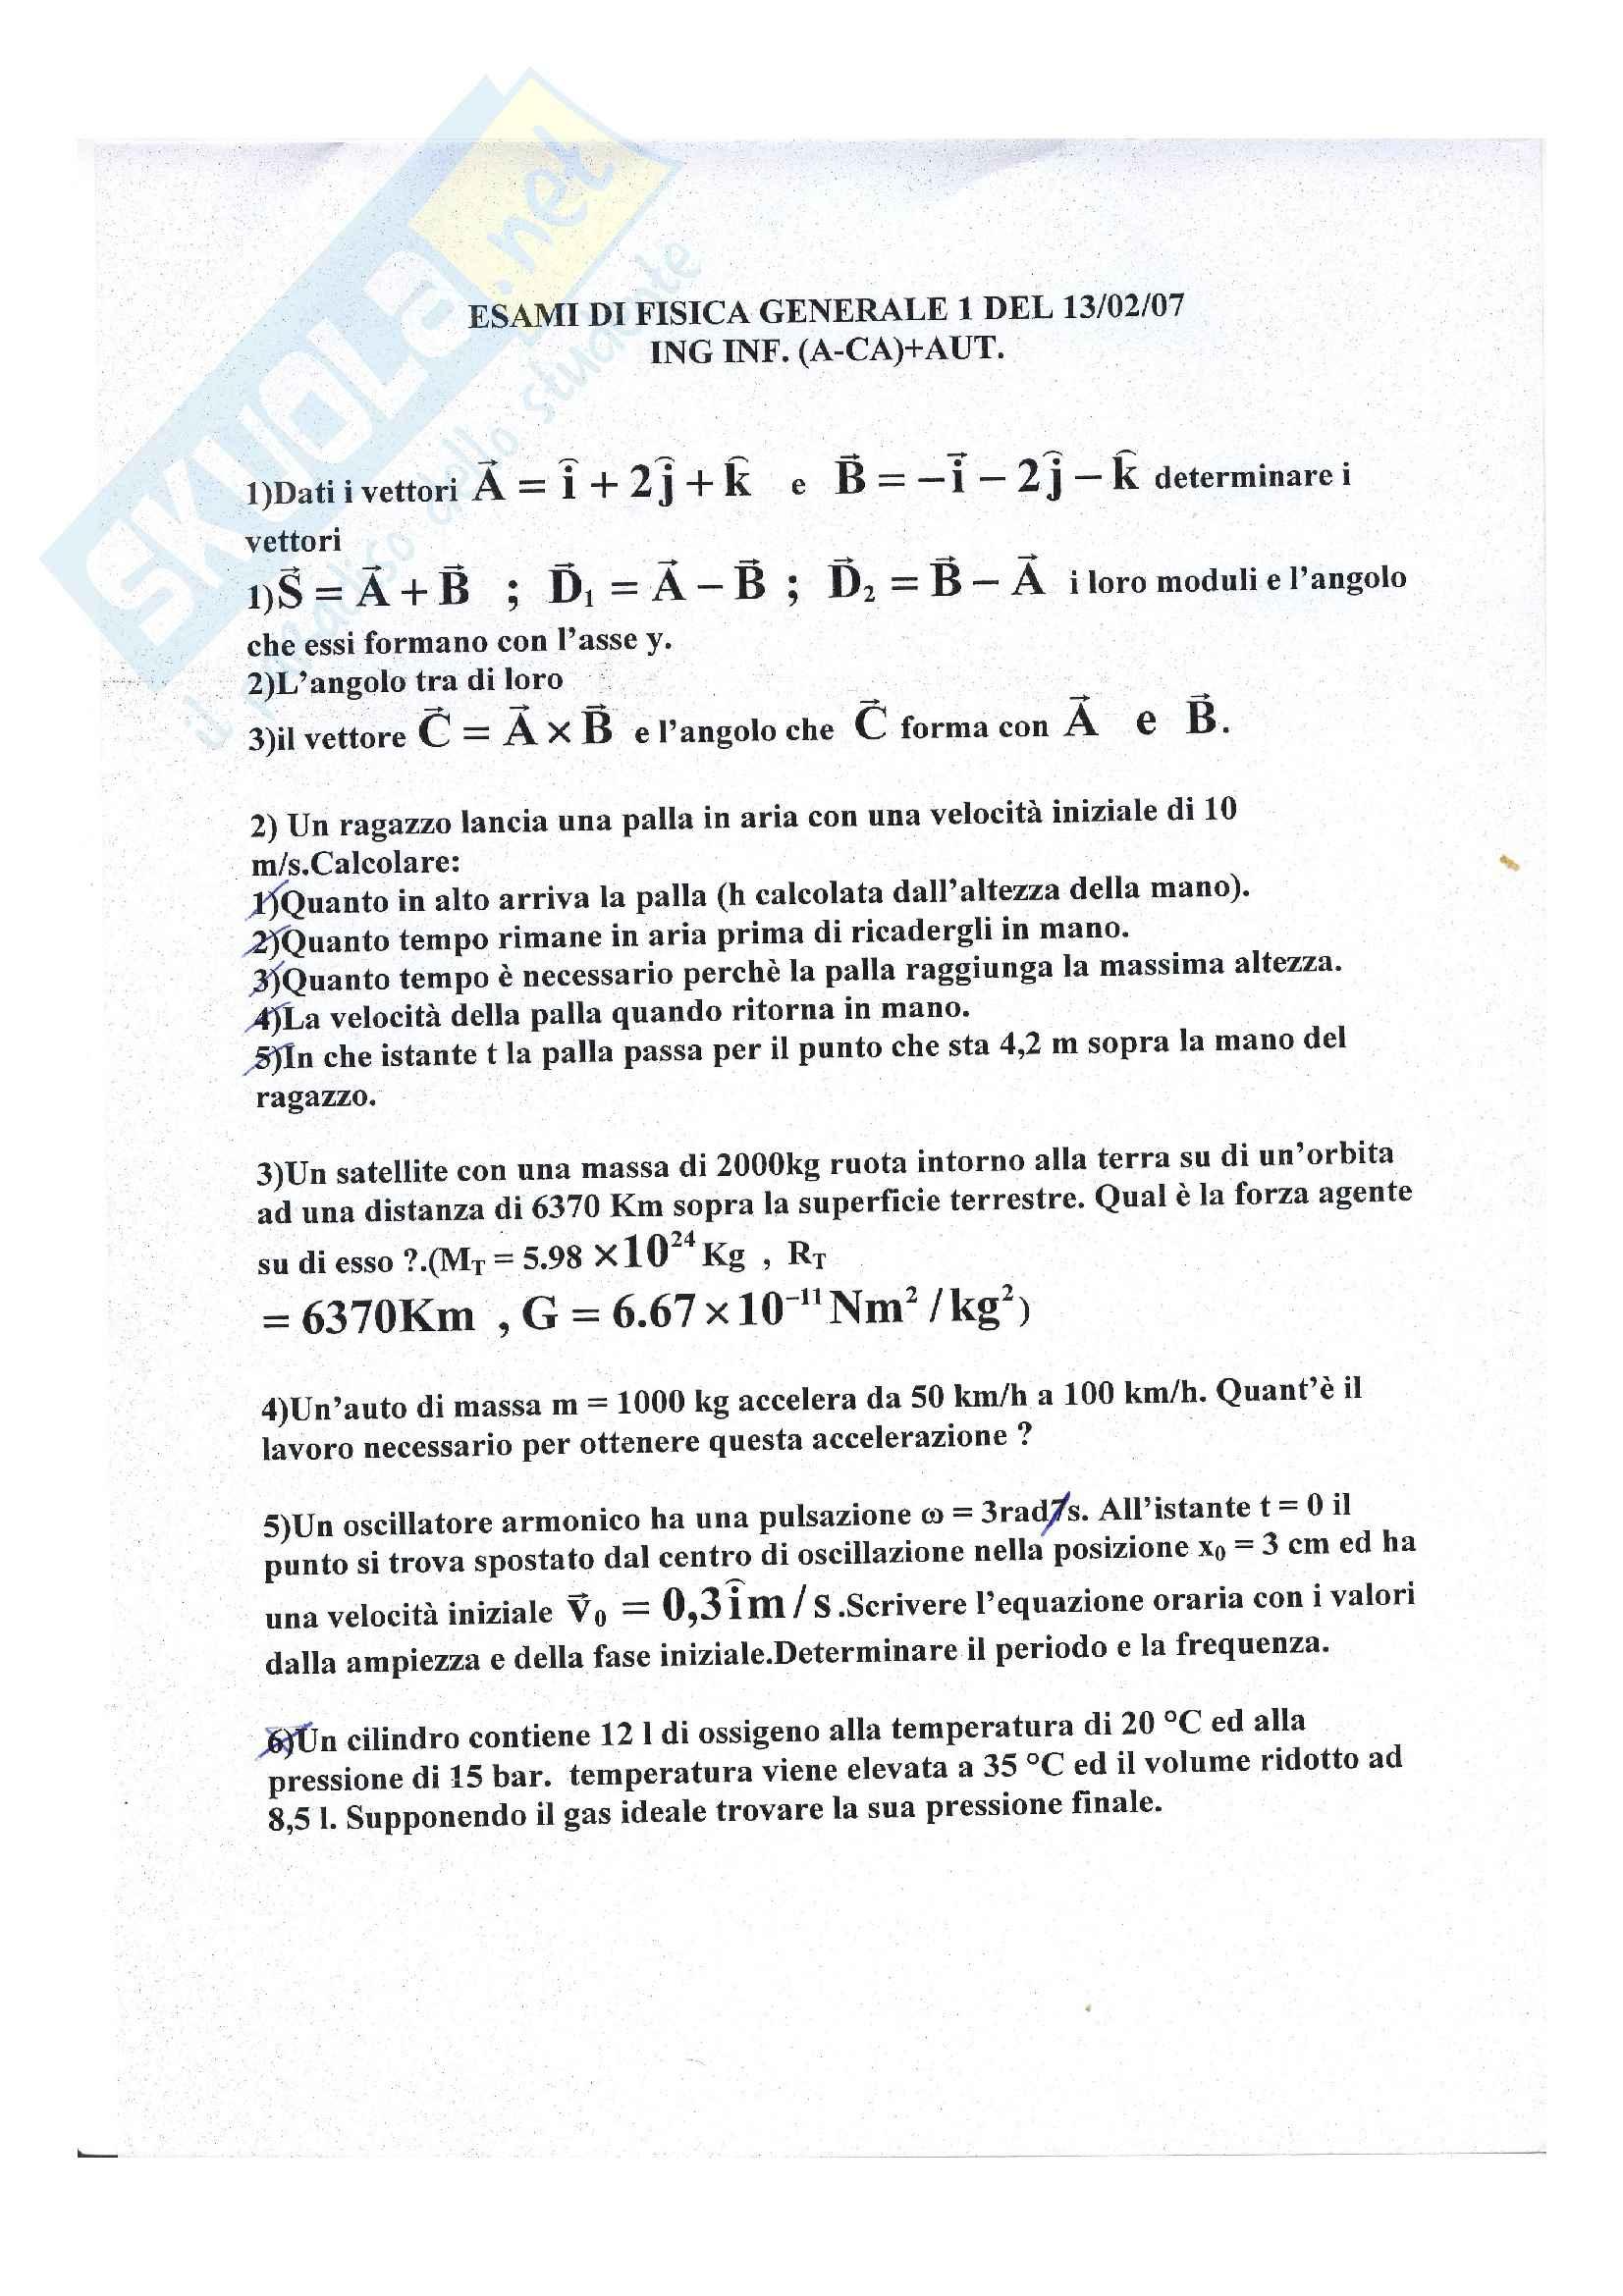 Fisica generale 1 - Prova d'esame del 13/02/07